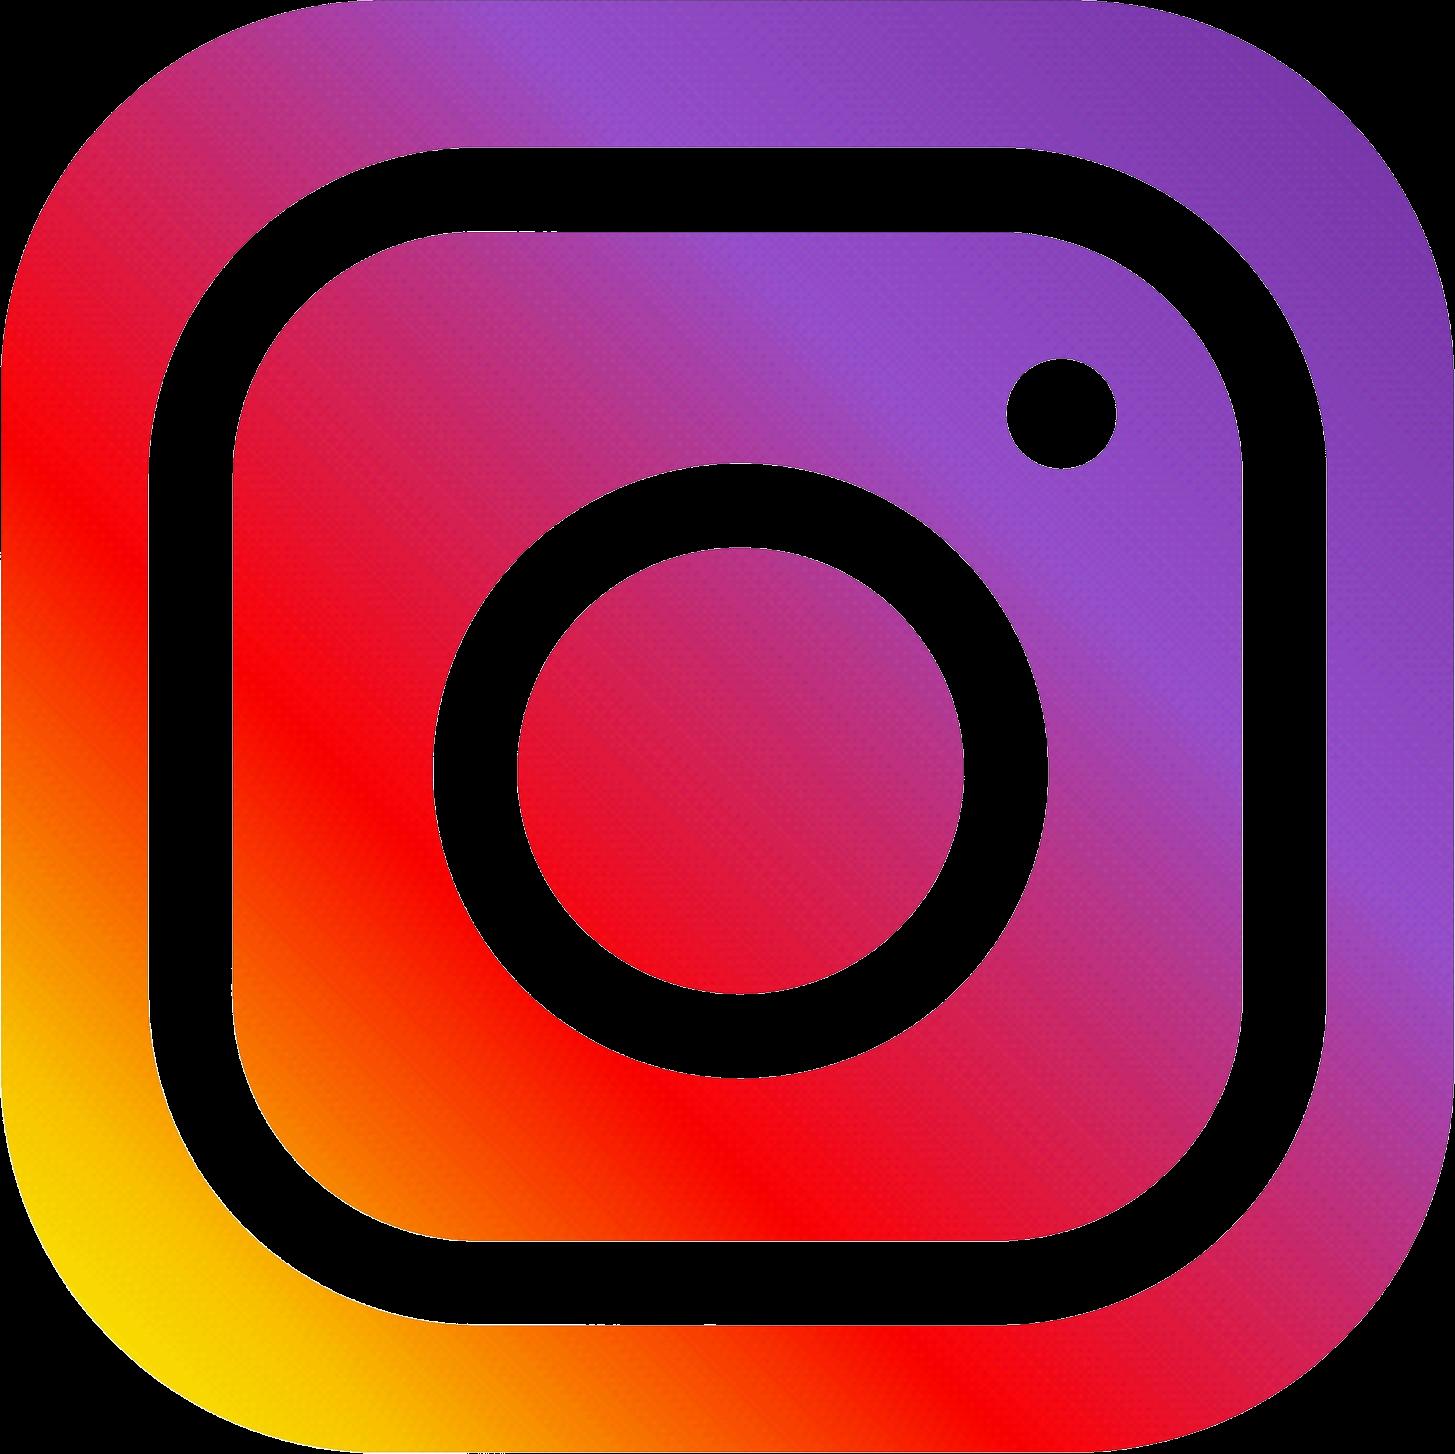 Check @slechteslogans op Instagram: